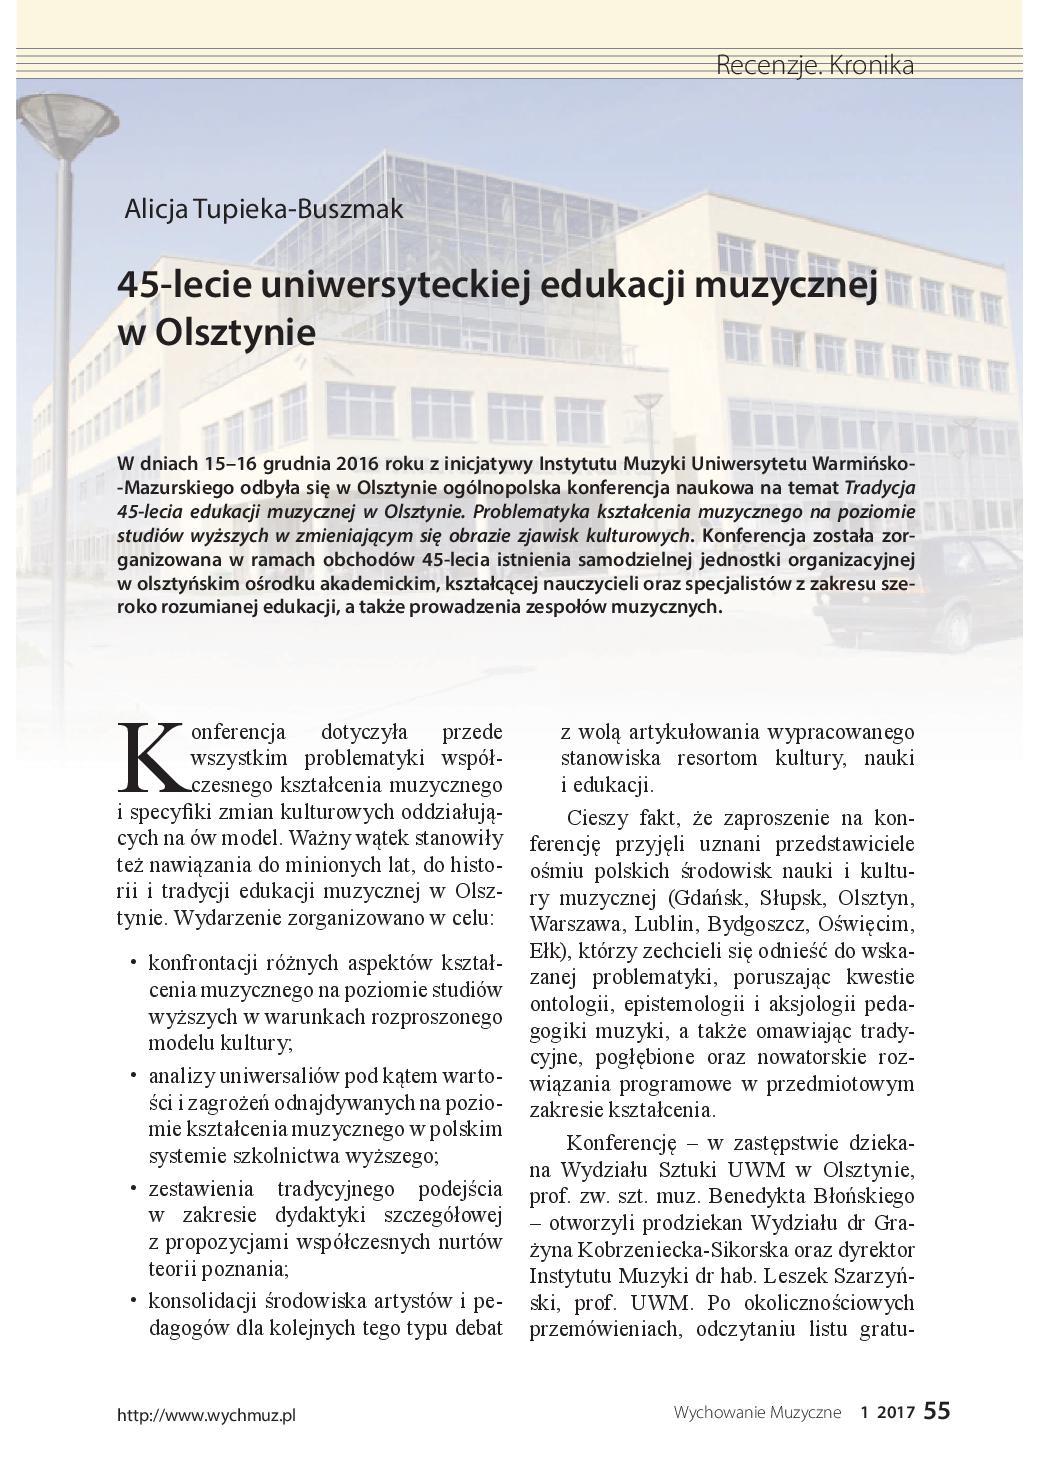 45-lecie uniwersyteckiej edukacji muzycznej w Olsztynie